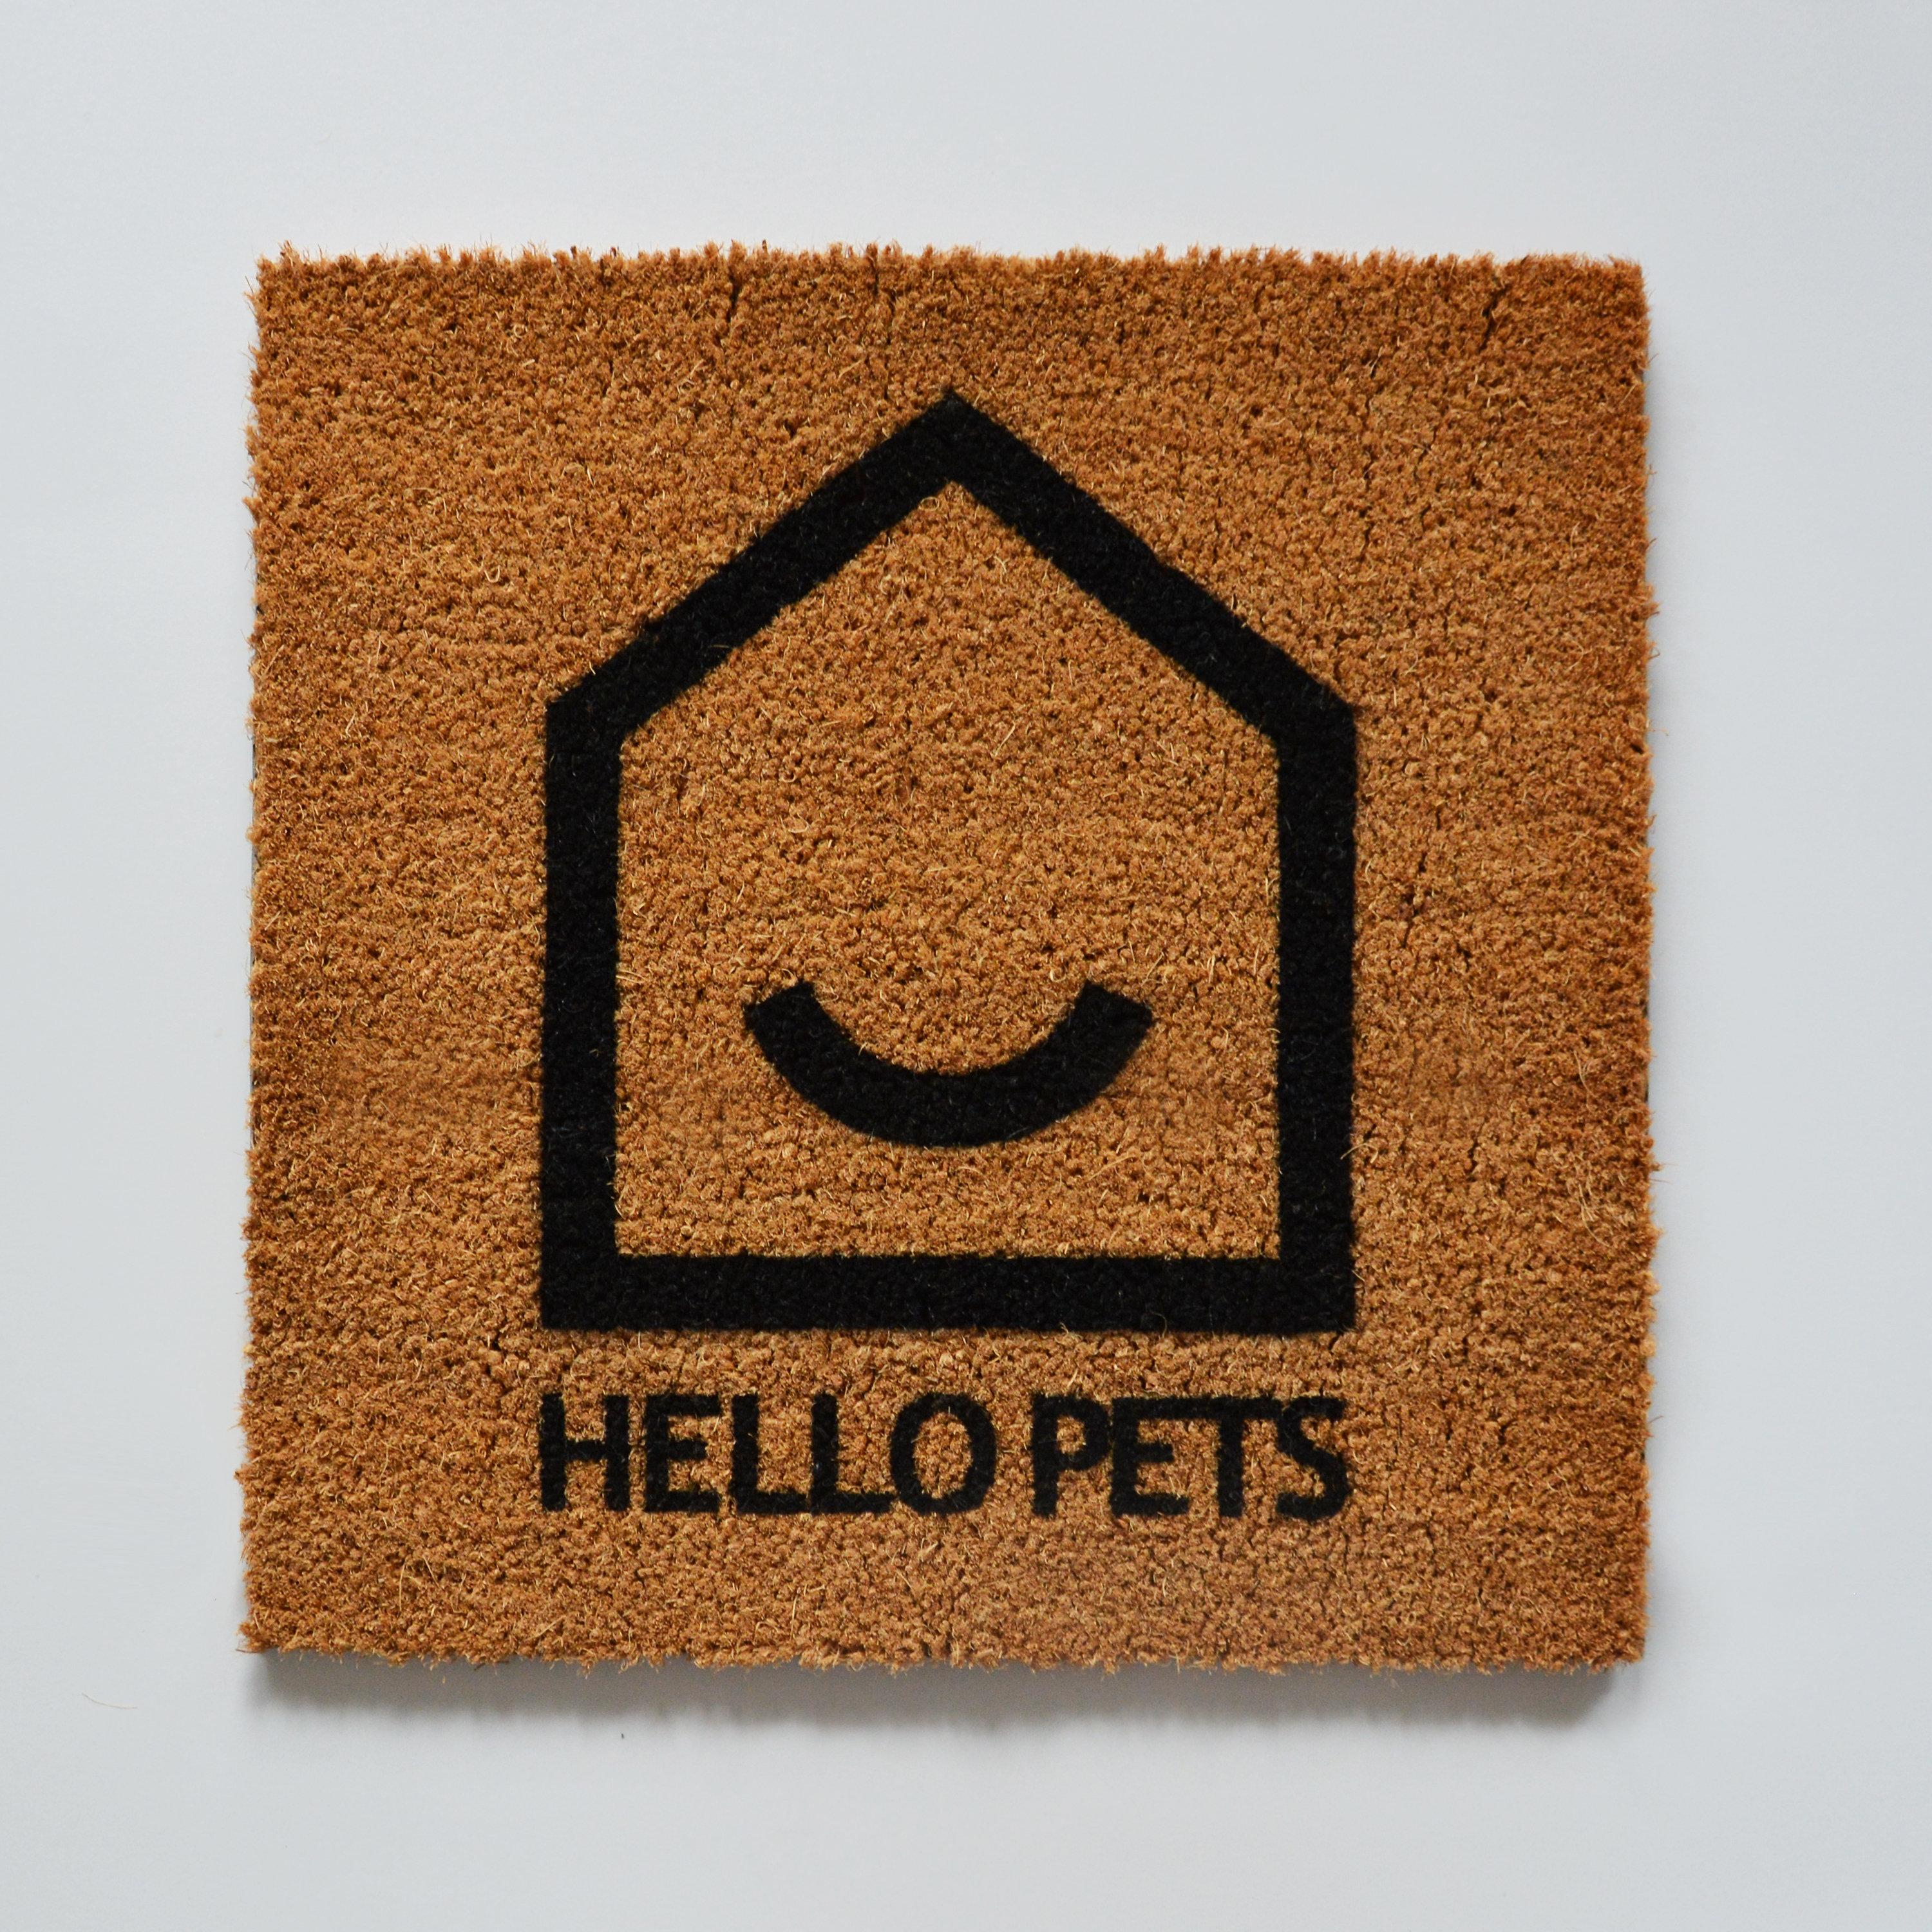 Hello pets akcesoria dla psw i kotw miski dla psw legowiska wycieraczka hello stopboris Gallery